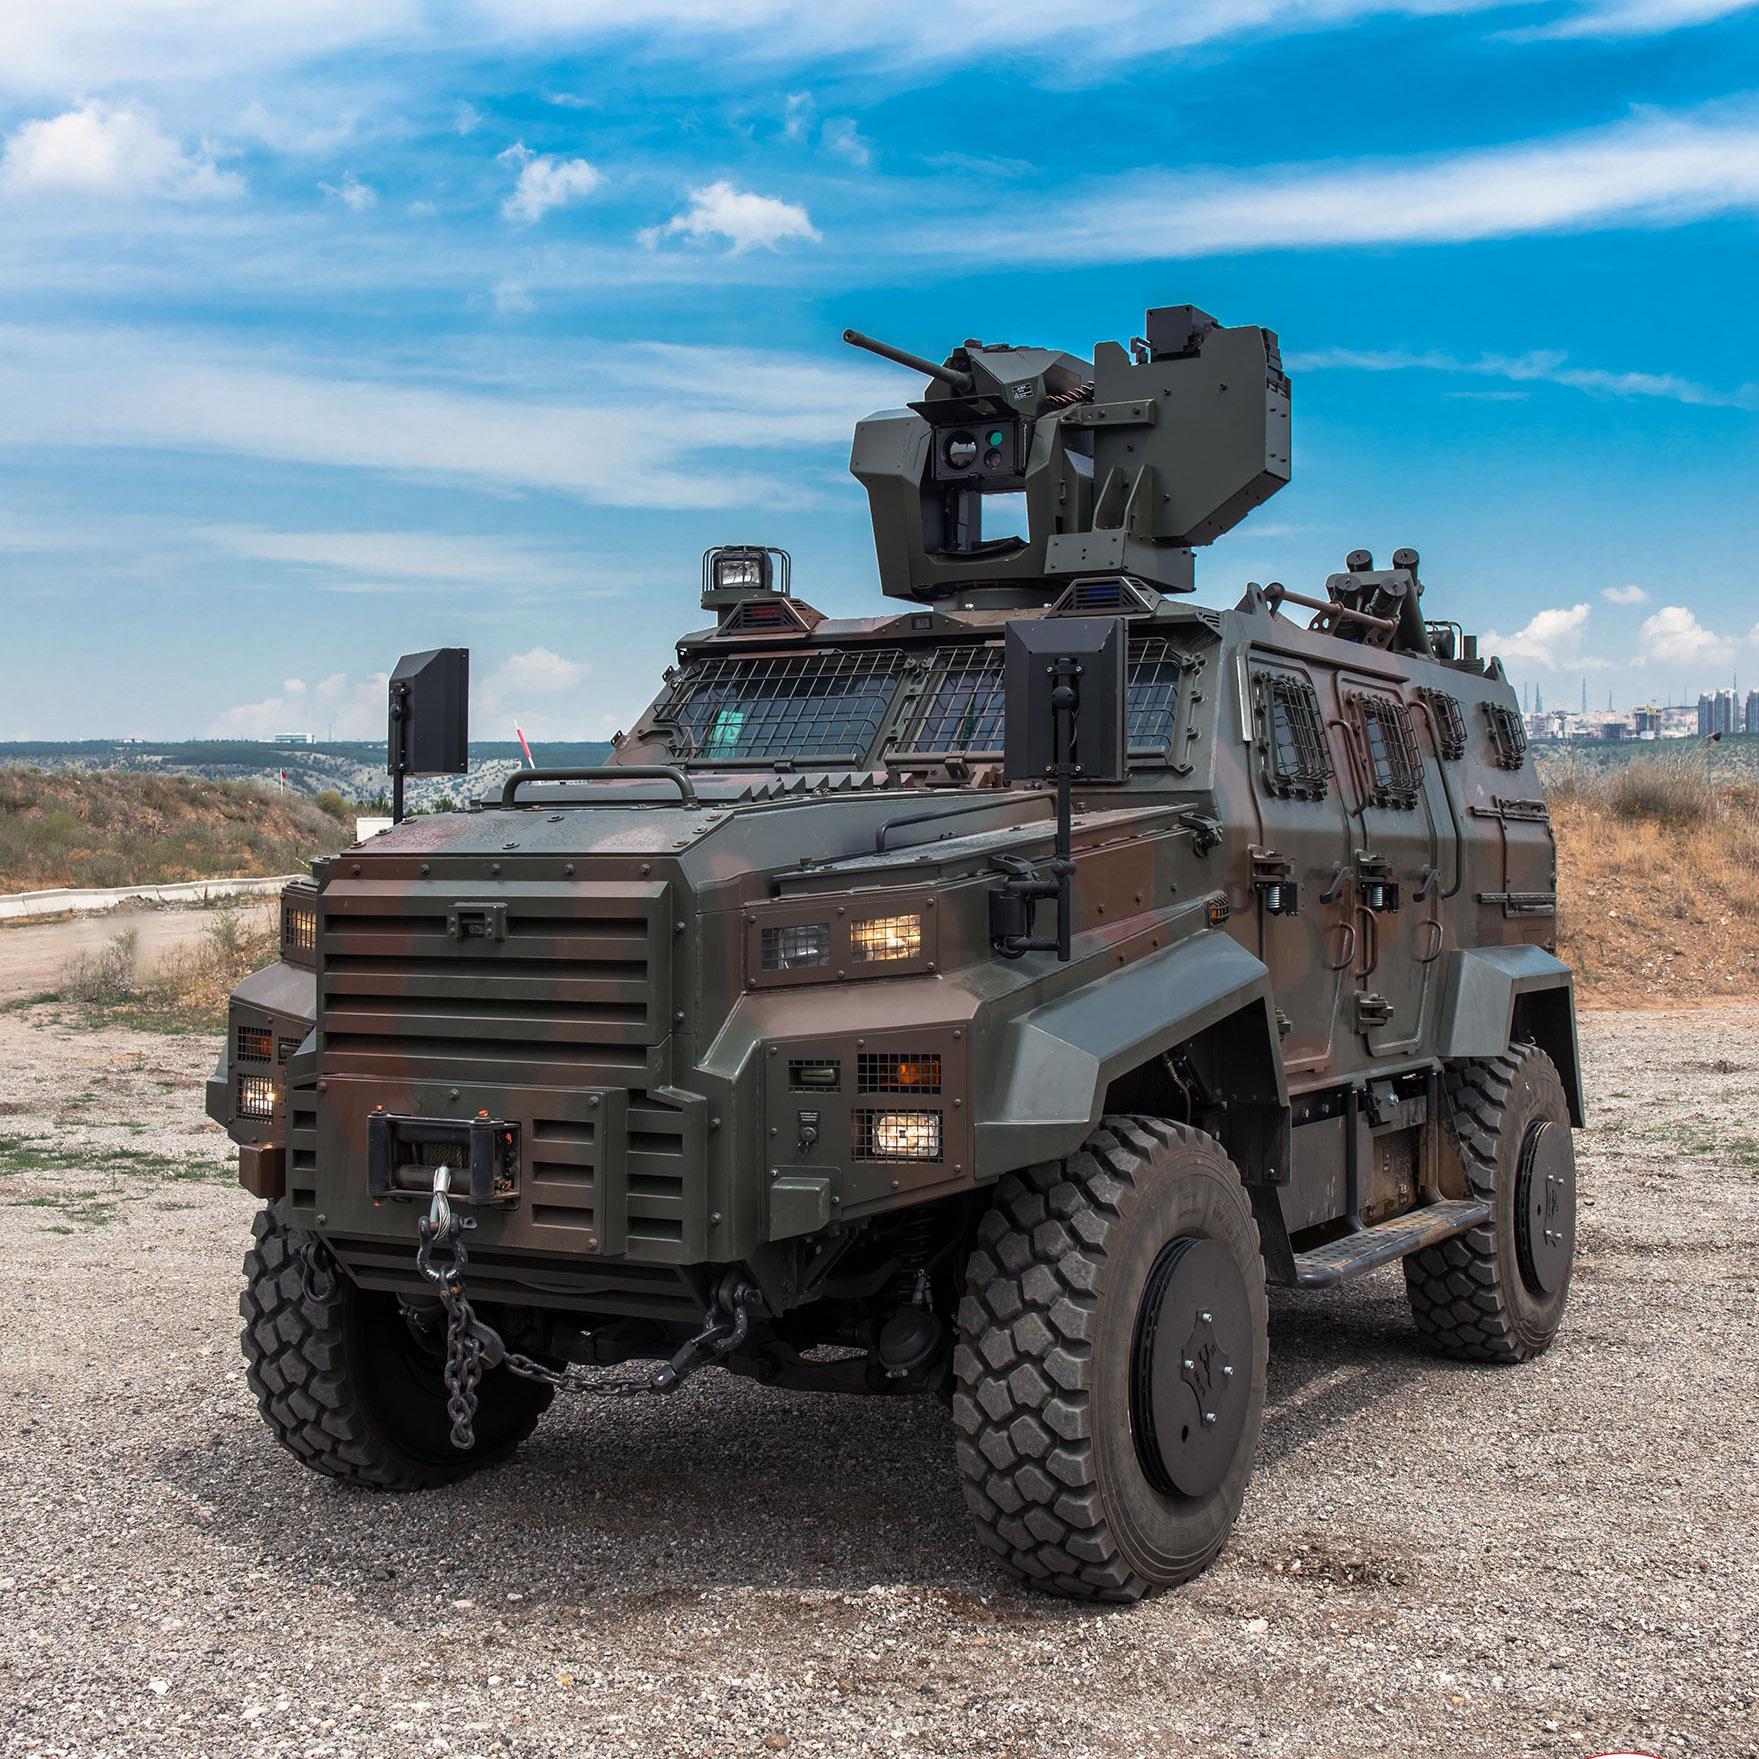 Венгерская армия начала получать на вооружение турецкие бронированные машины Ejder Yalçın